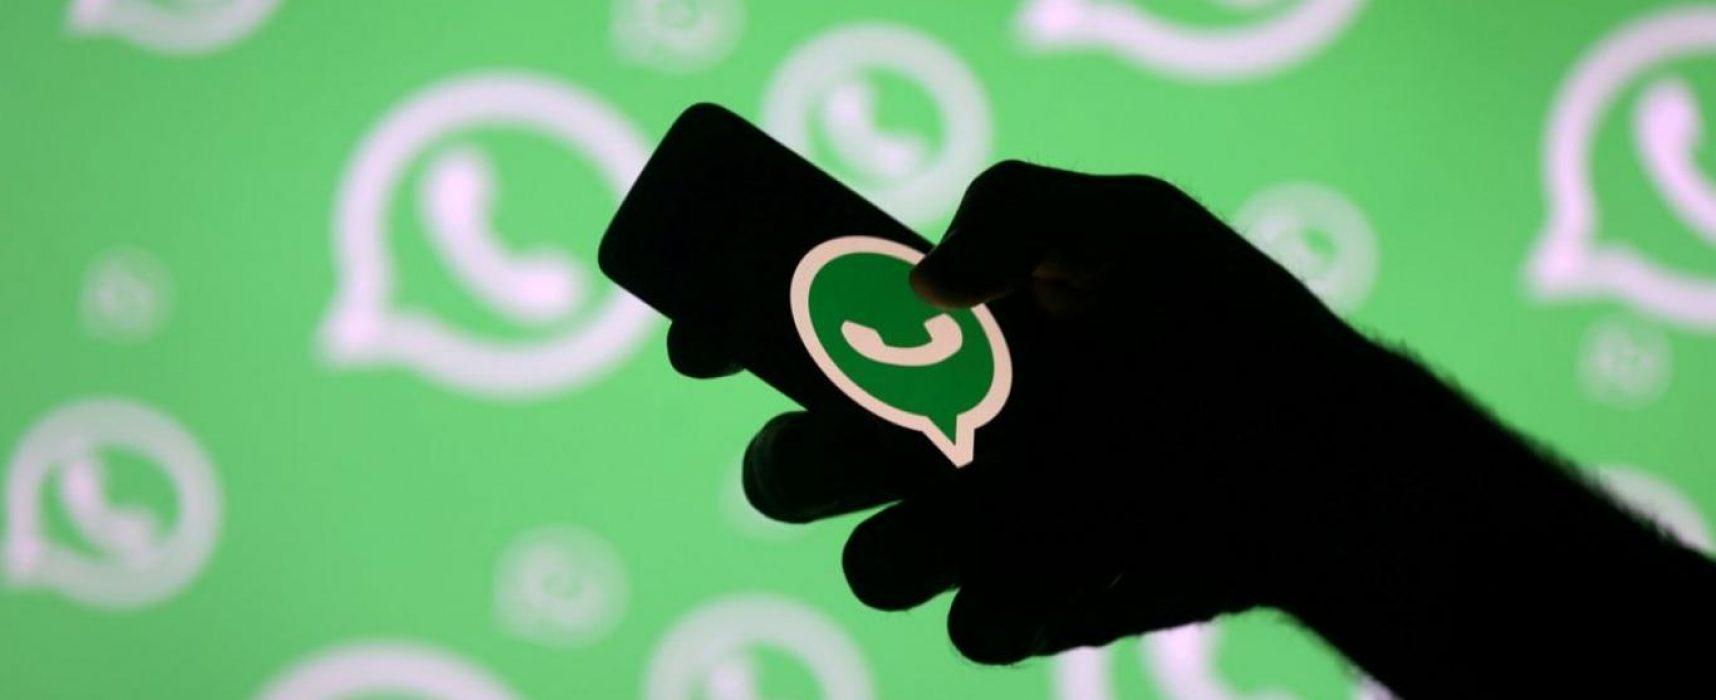 Mensajería WhatsApp limita la distribución de mensajes para combatir las noticias falsas